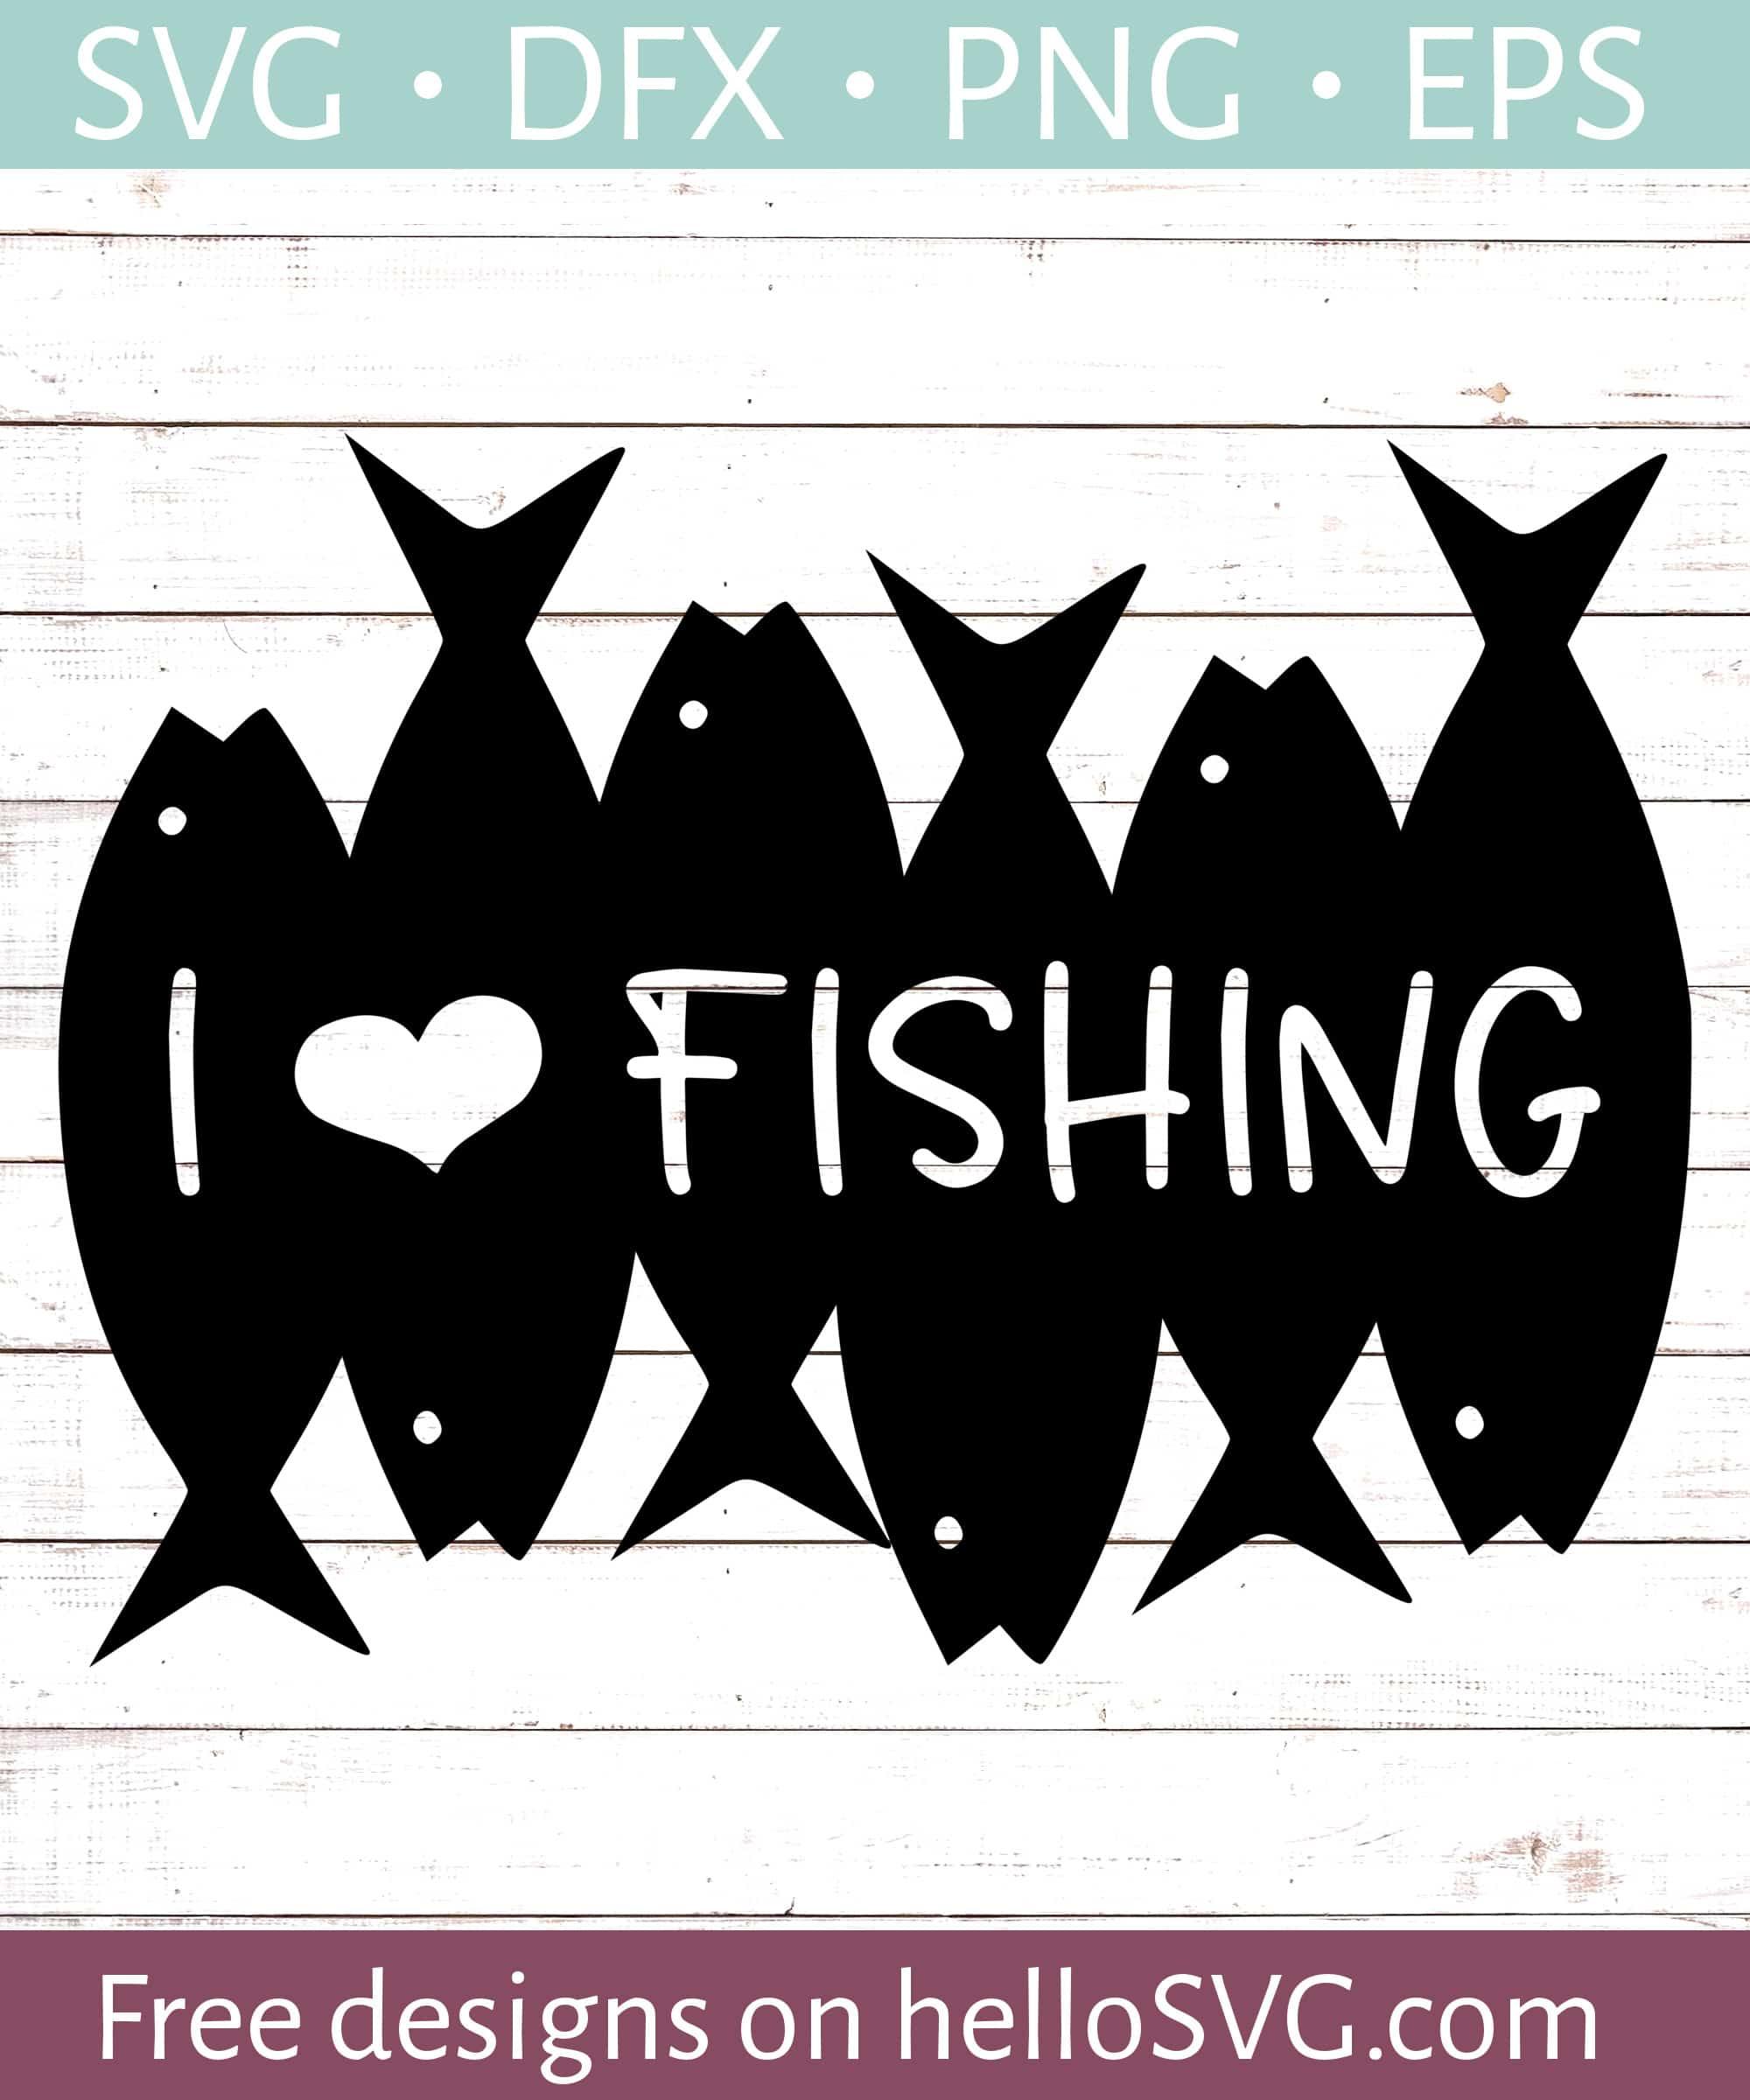 e860c8e53 I Love Fishing #2 SVG - Free SVG files | HelloSVG.com